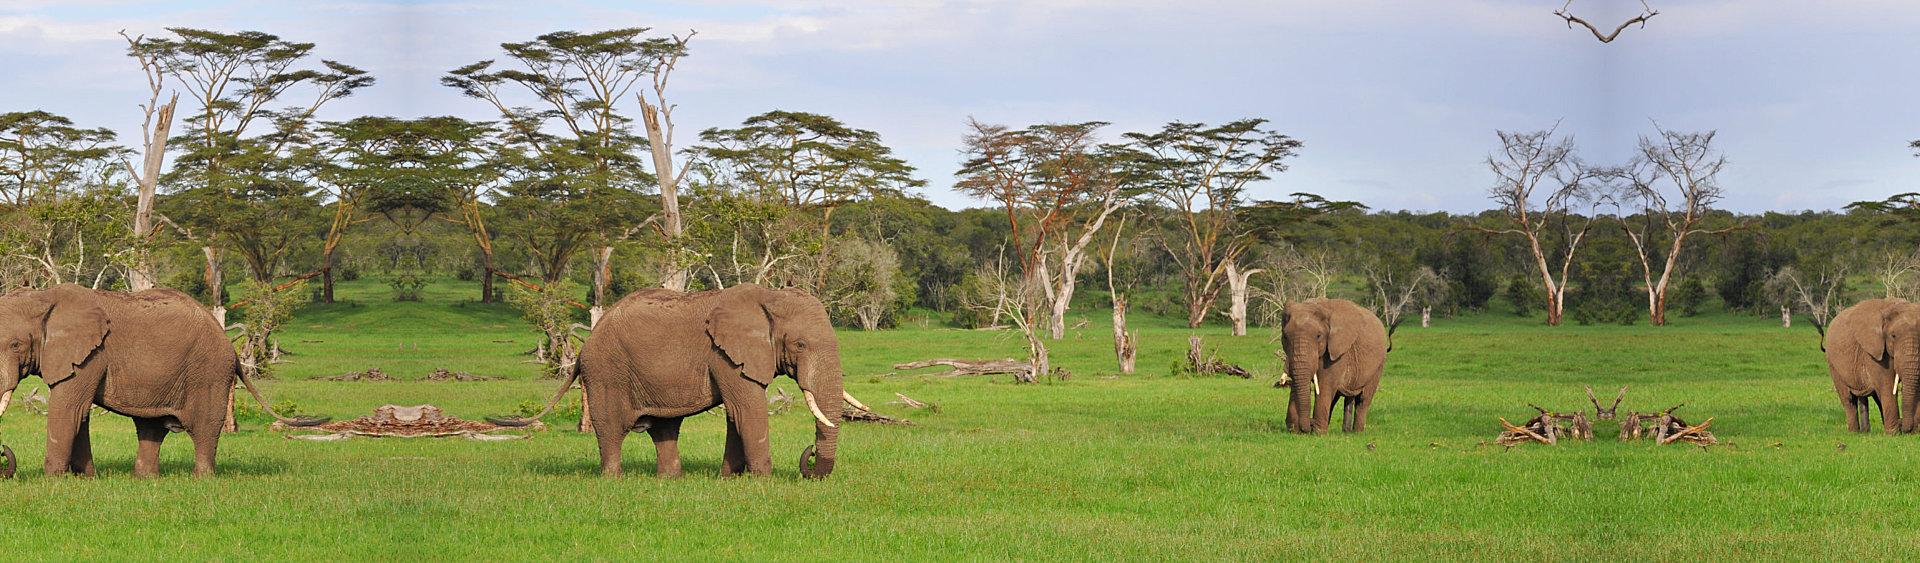 elephant in the safari